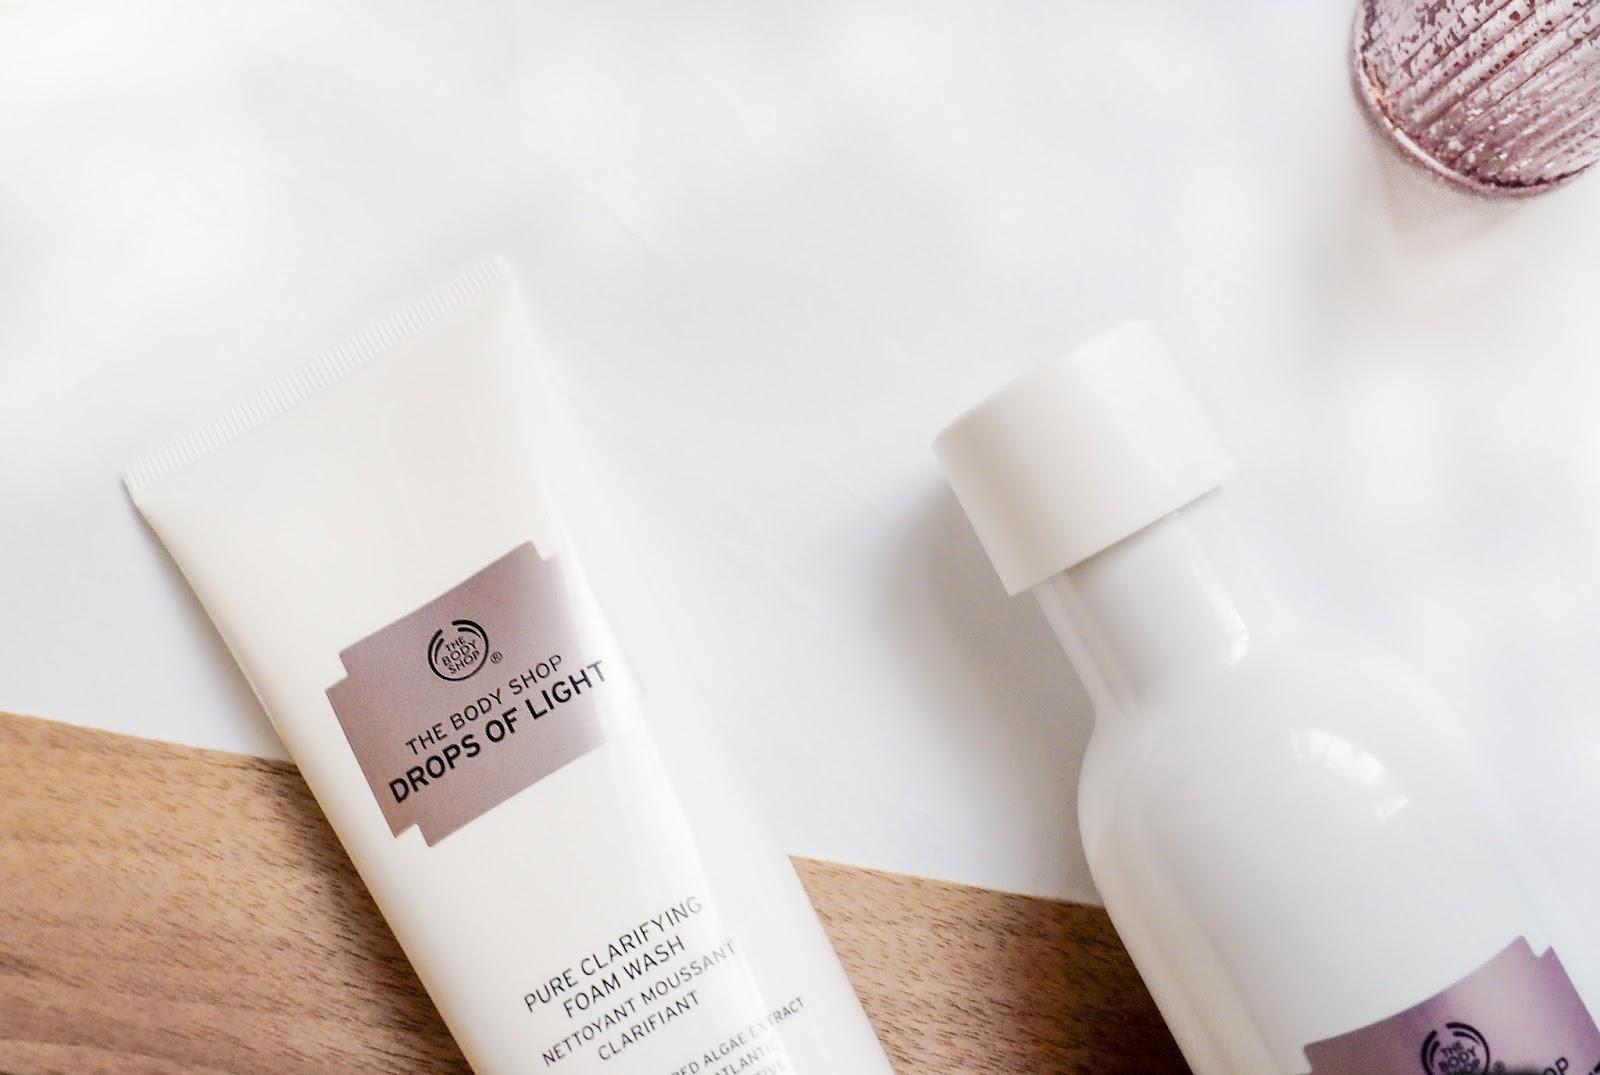 The Body Shop Drops of Light Pure Clarifying Foam Wash